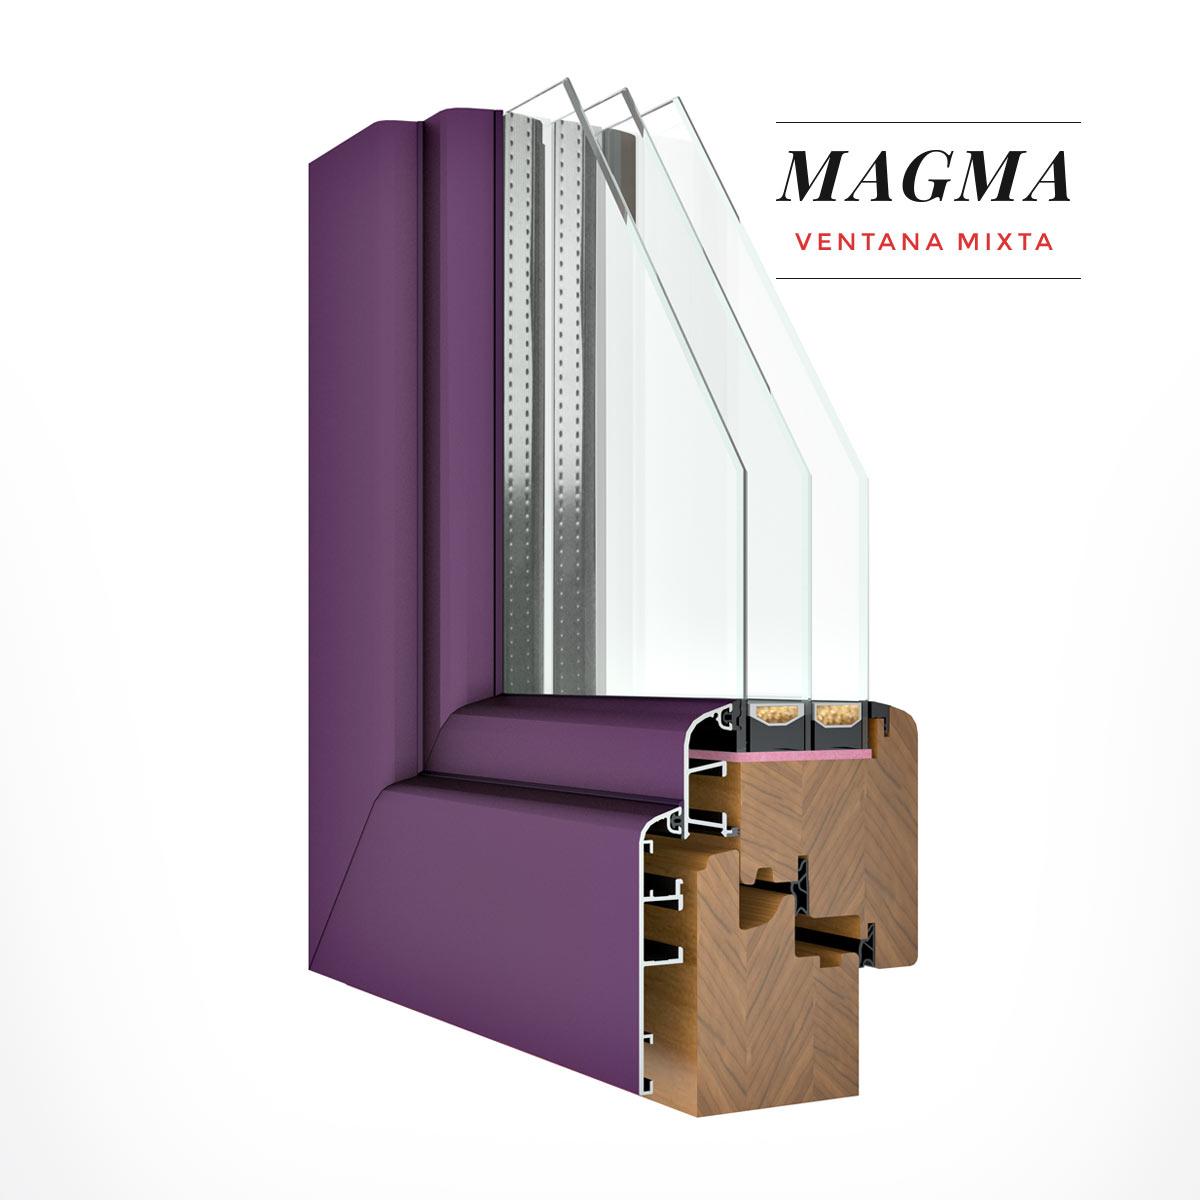 Carreté Finestres - finestra de fusta i alumini de color lila - Finestres mixtes Magma